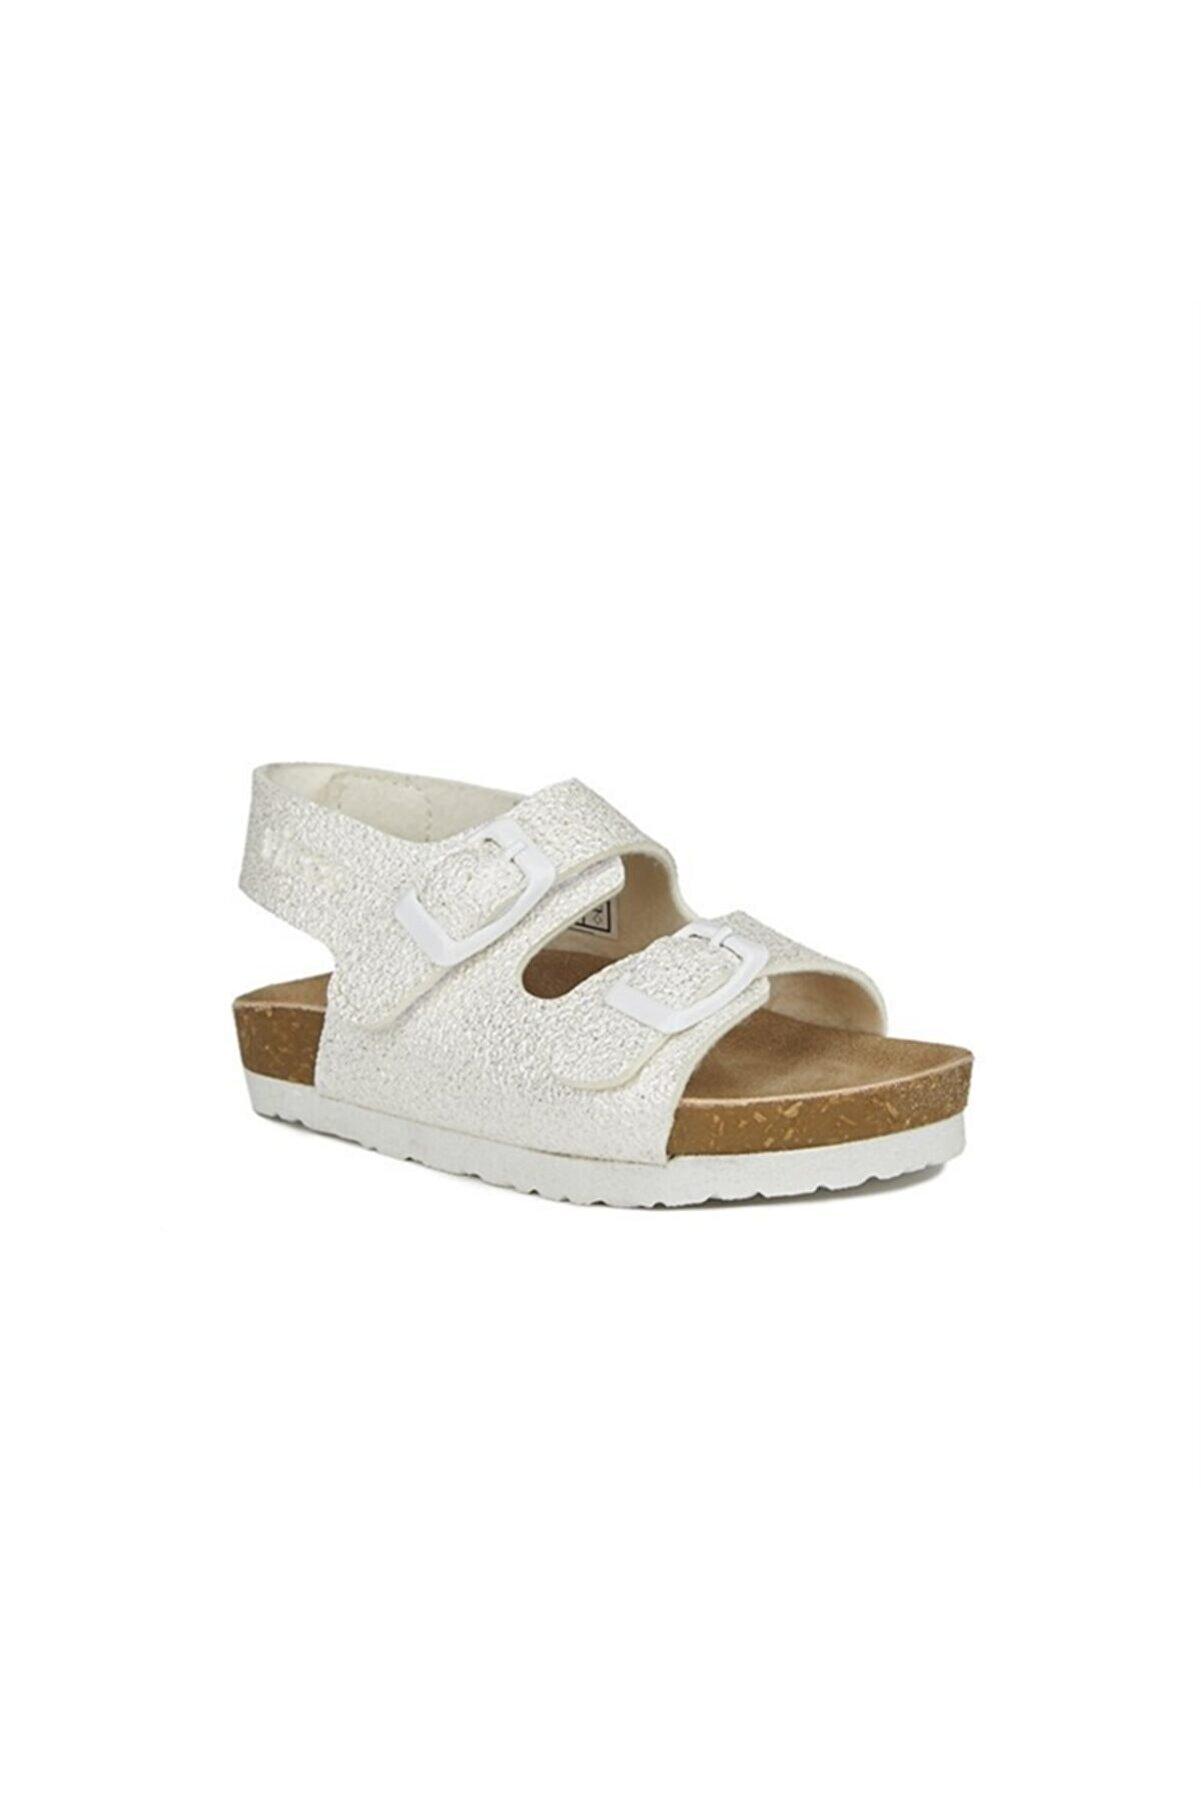 Vicco Kız Çocuk Sedef Sandalet 321.b20y.364